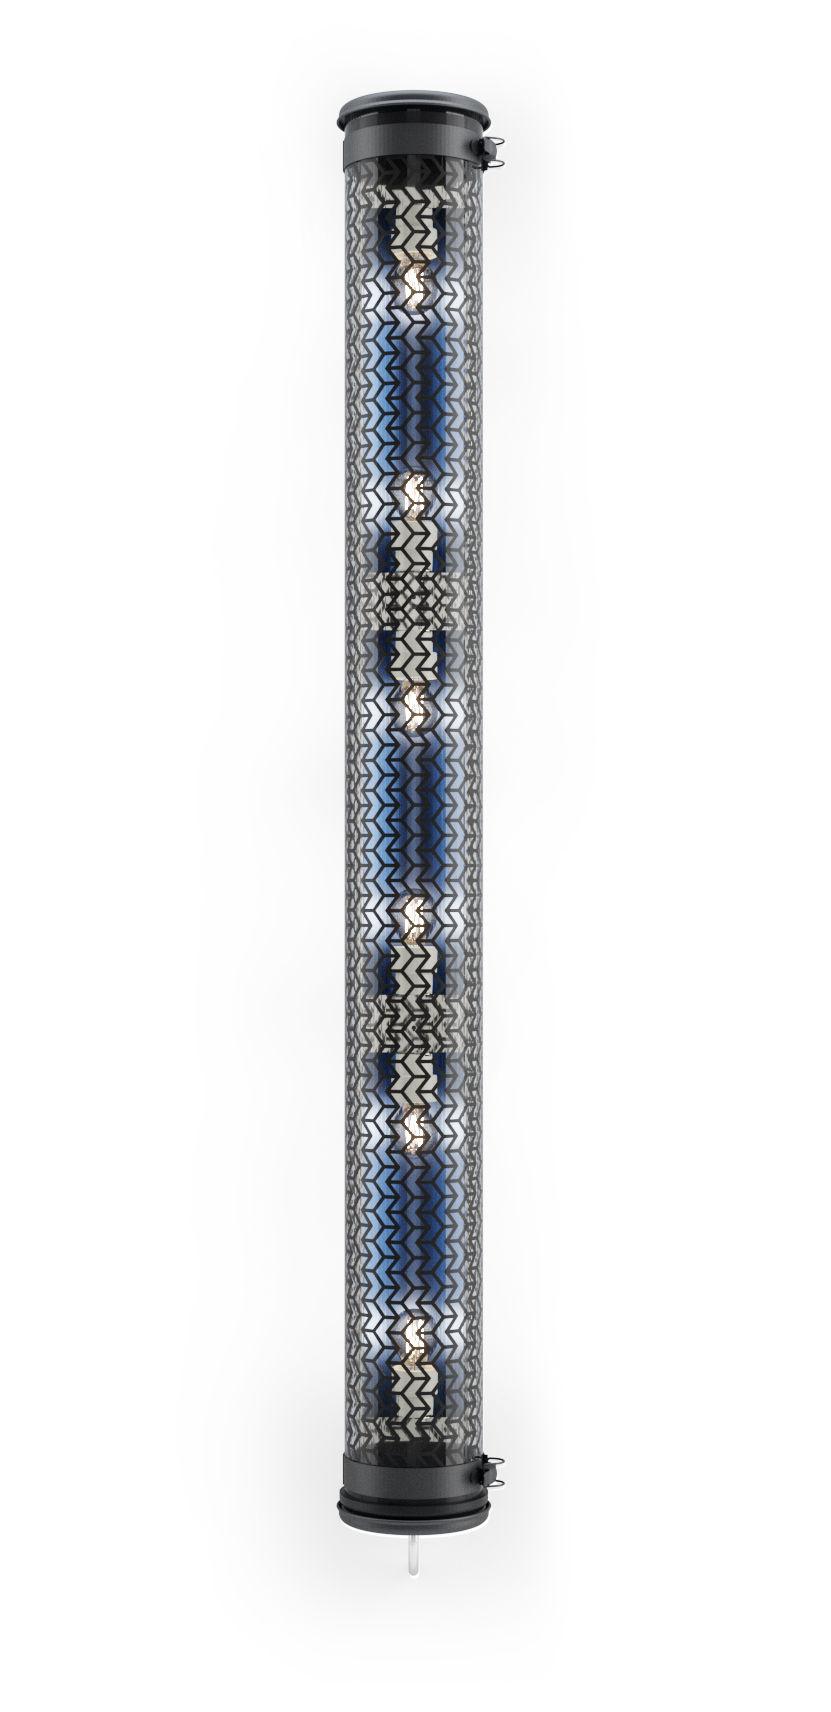 Illuminazione - Lampade da parete - Applique Monceau - / Sospensione - L 134 cm di SAMMODE STUDIO - Noir / Bleu Pétrole - Acciaio inossidabile, Alluminio anodizzato, policarbonato